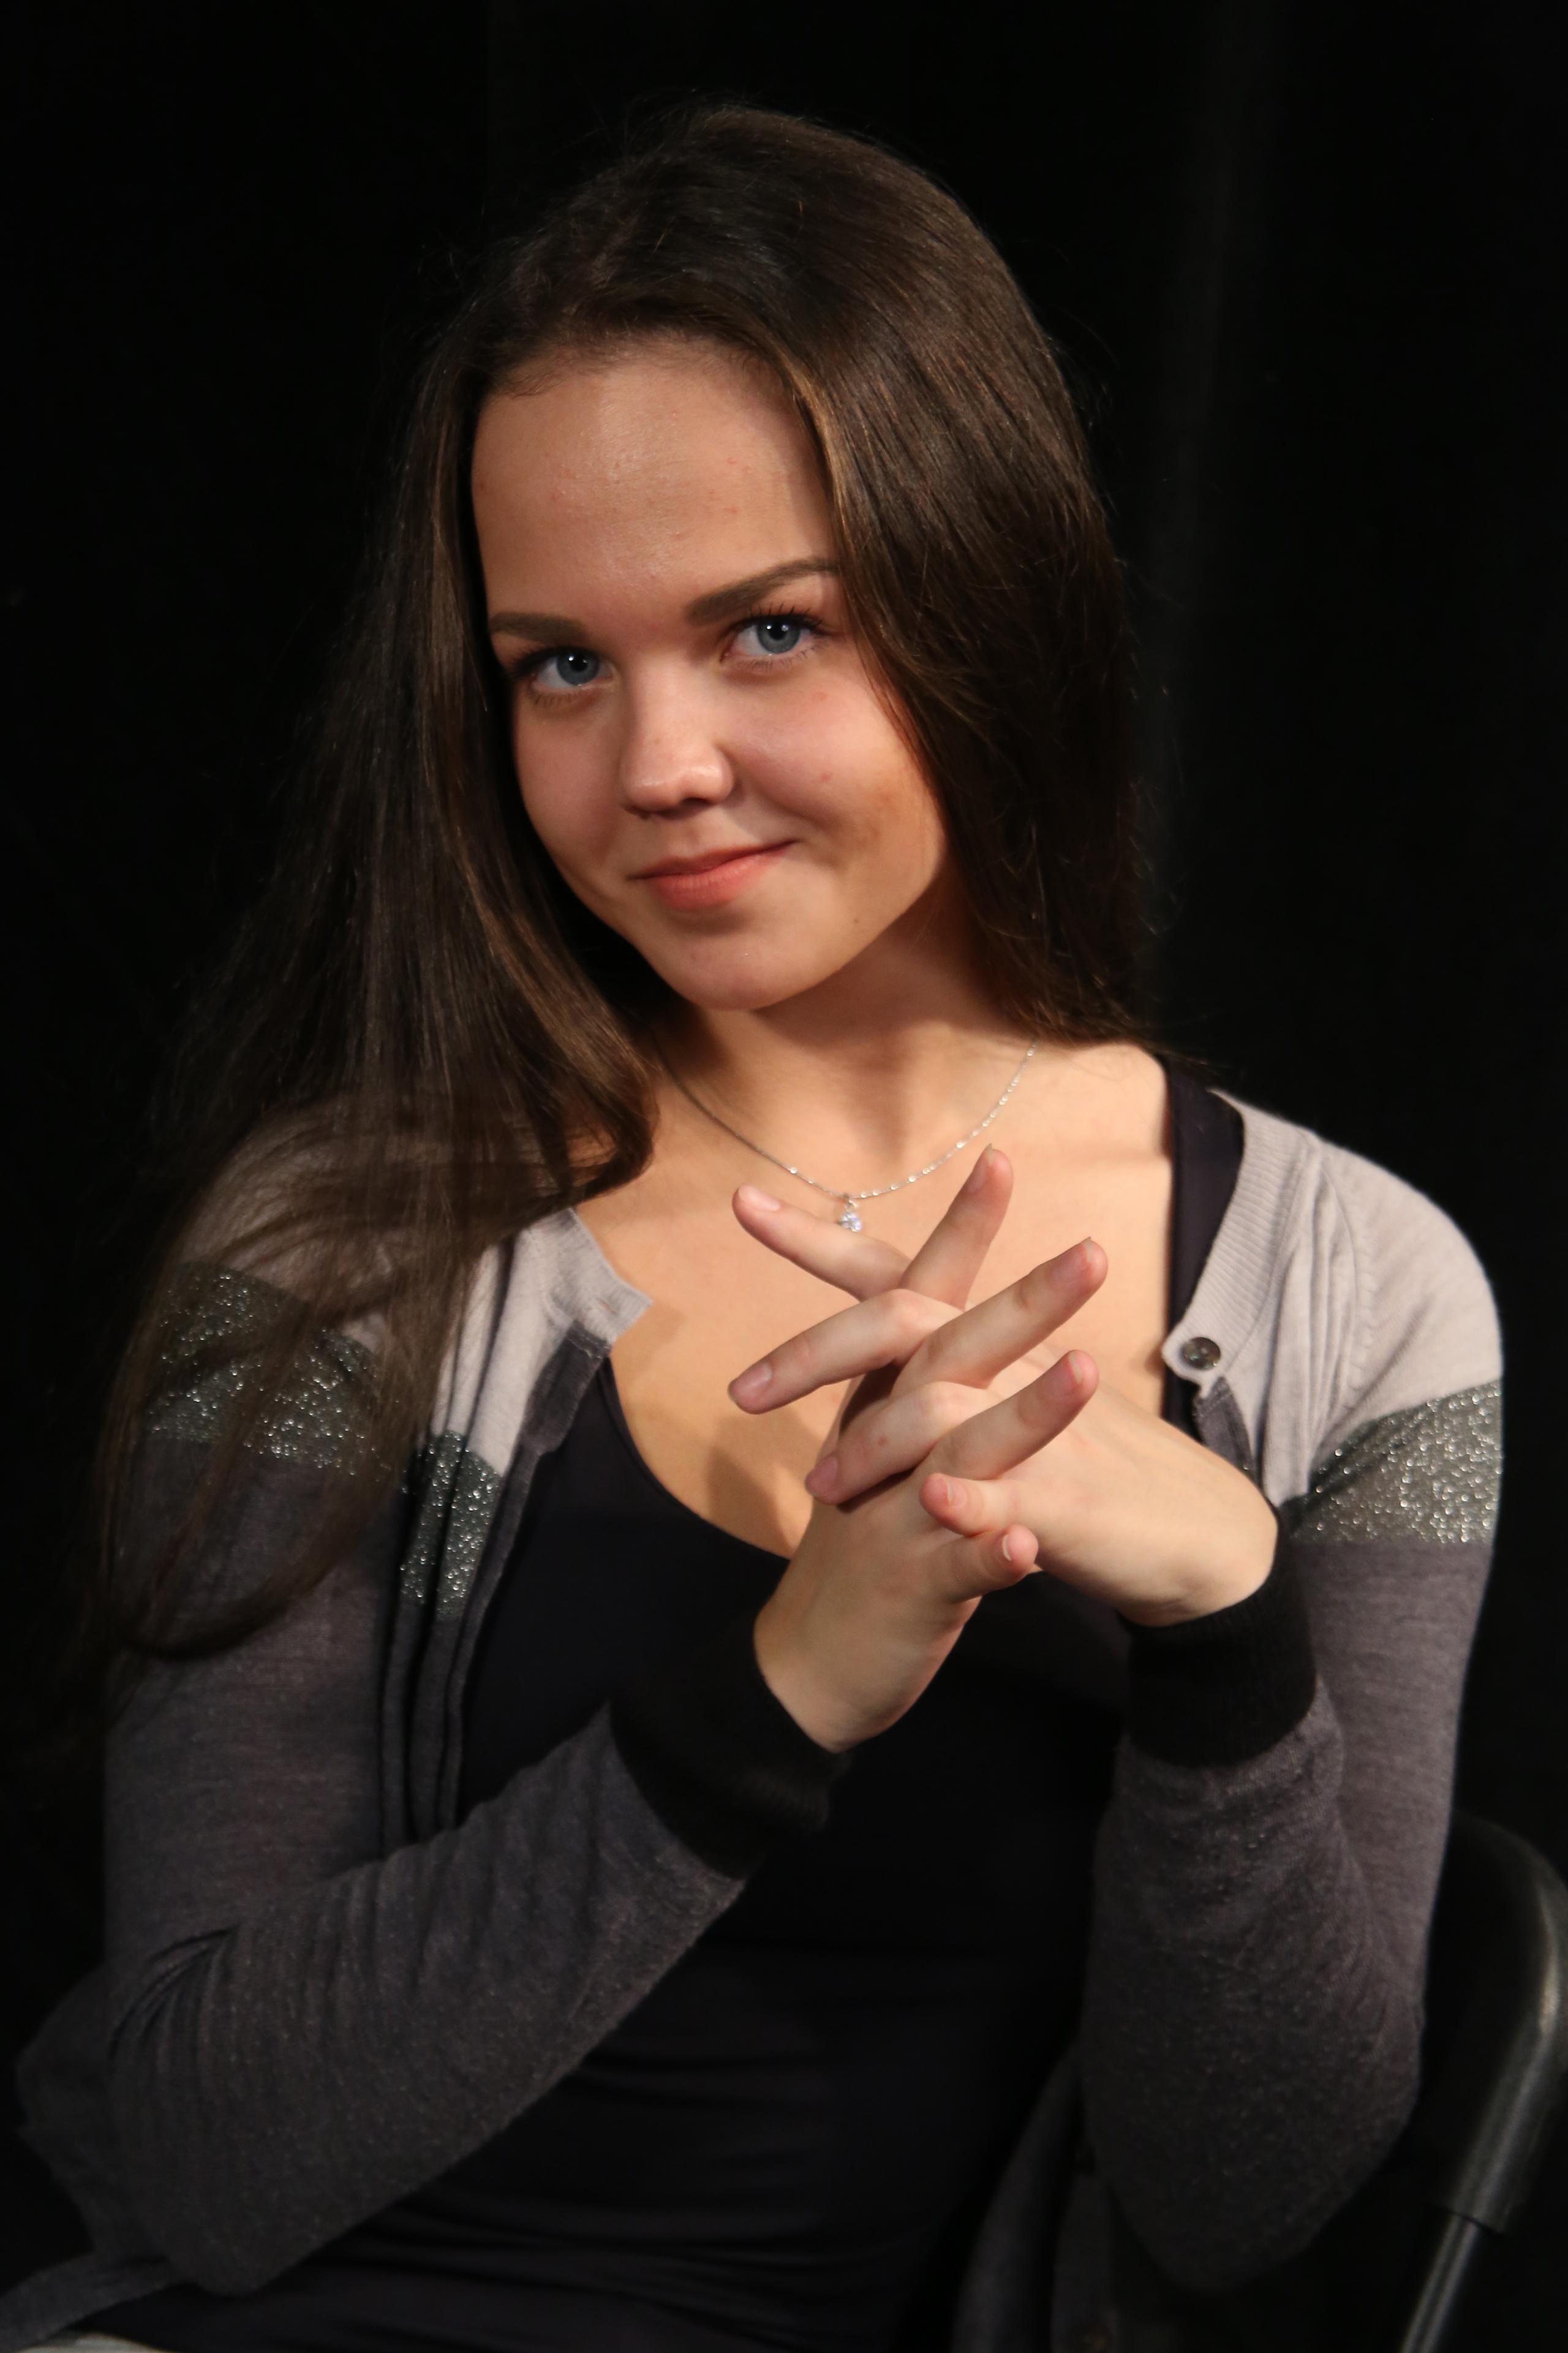 Полина Малахова